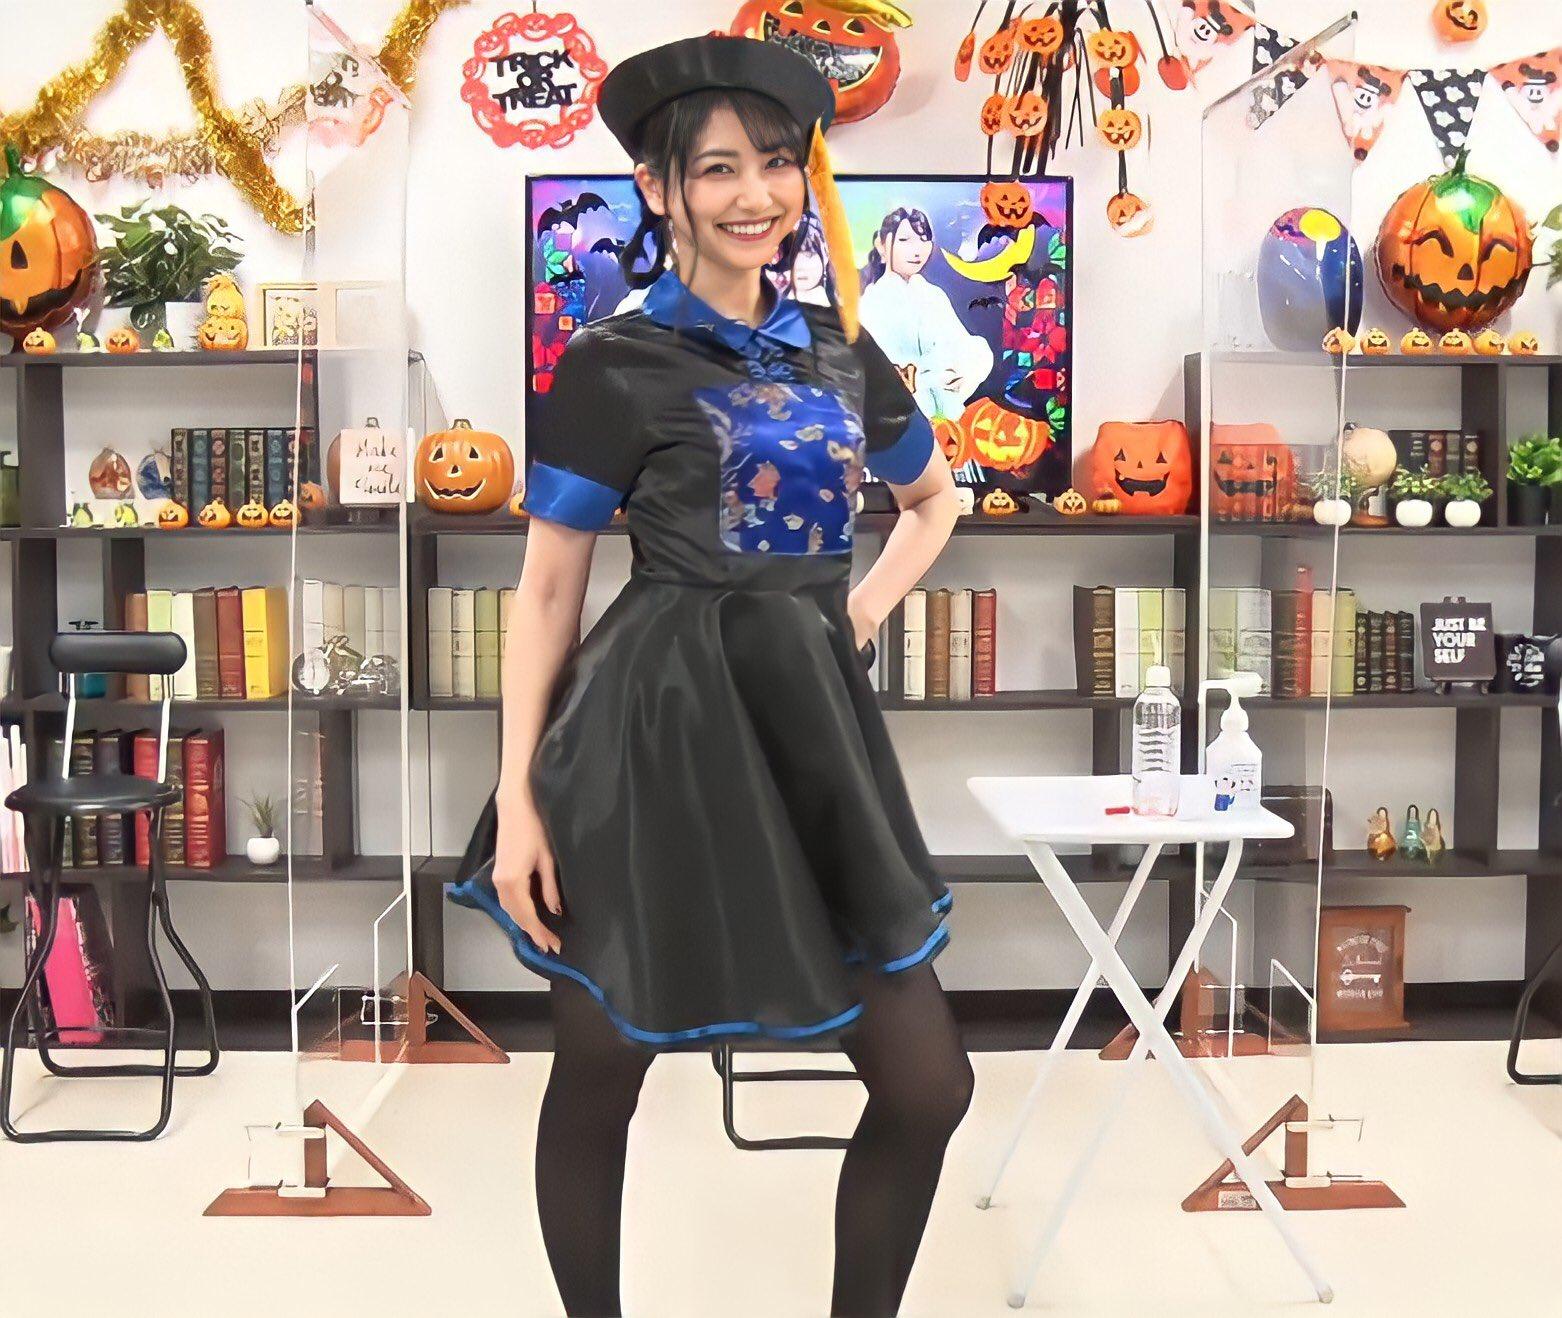 【画像】超美人声優の雨宮天さん、ハロウィンコスで自慢の胸を盛大に盛ってしまう……